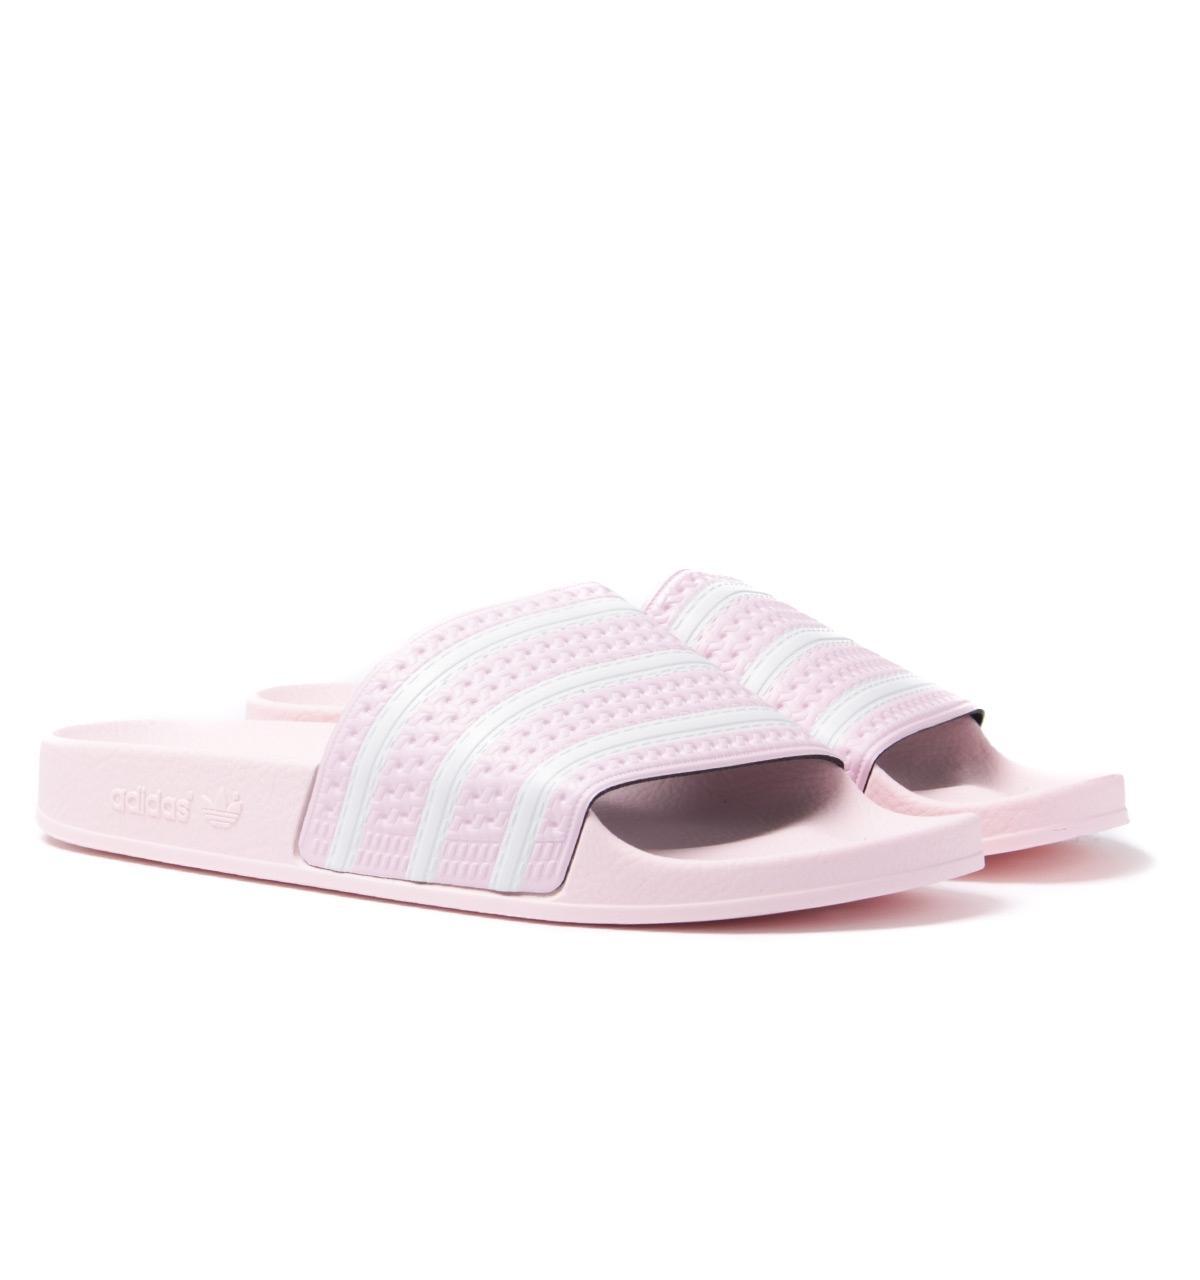 bbcb4af19672 adidas Originals Adilette Pink Slides in Pink for Men - Lyst